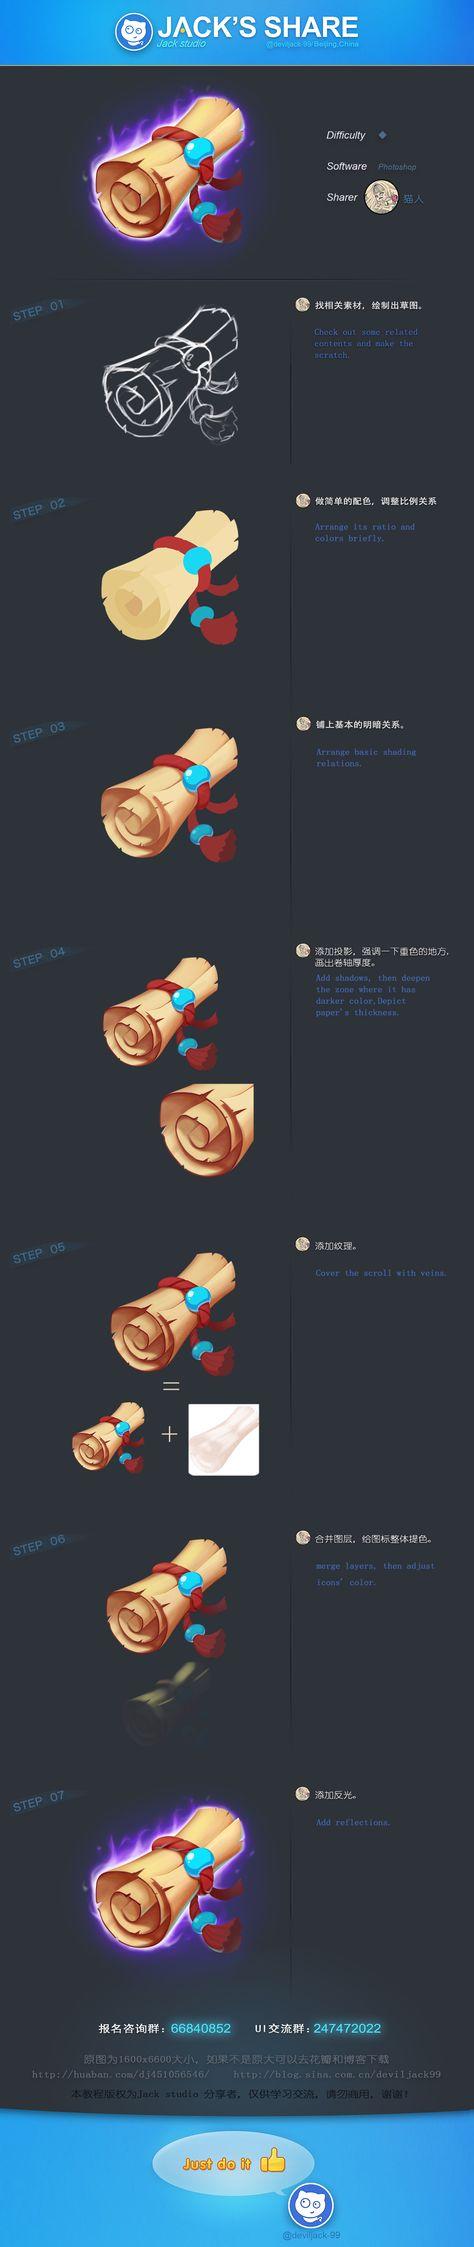 【JACK游戏UI】 界面创意交互设计广告原画手绘图标 art game ui app ios icon web ue